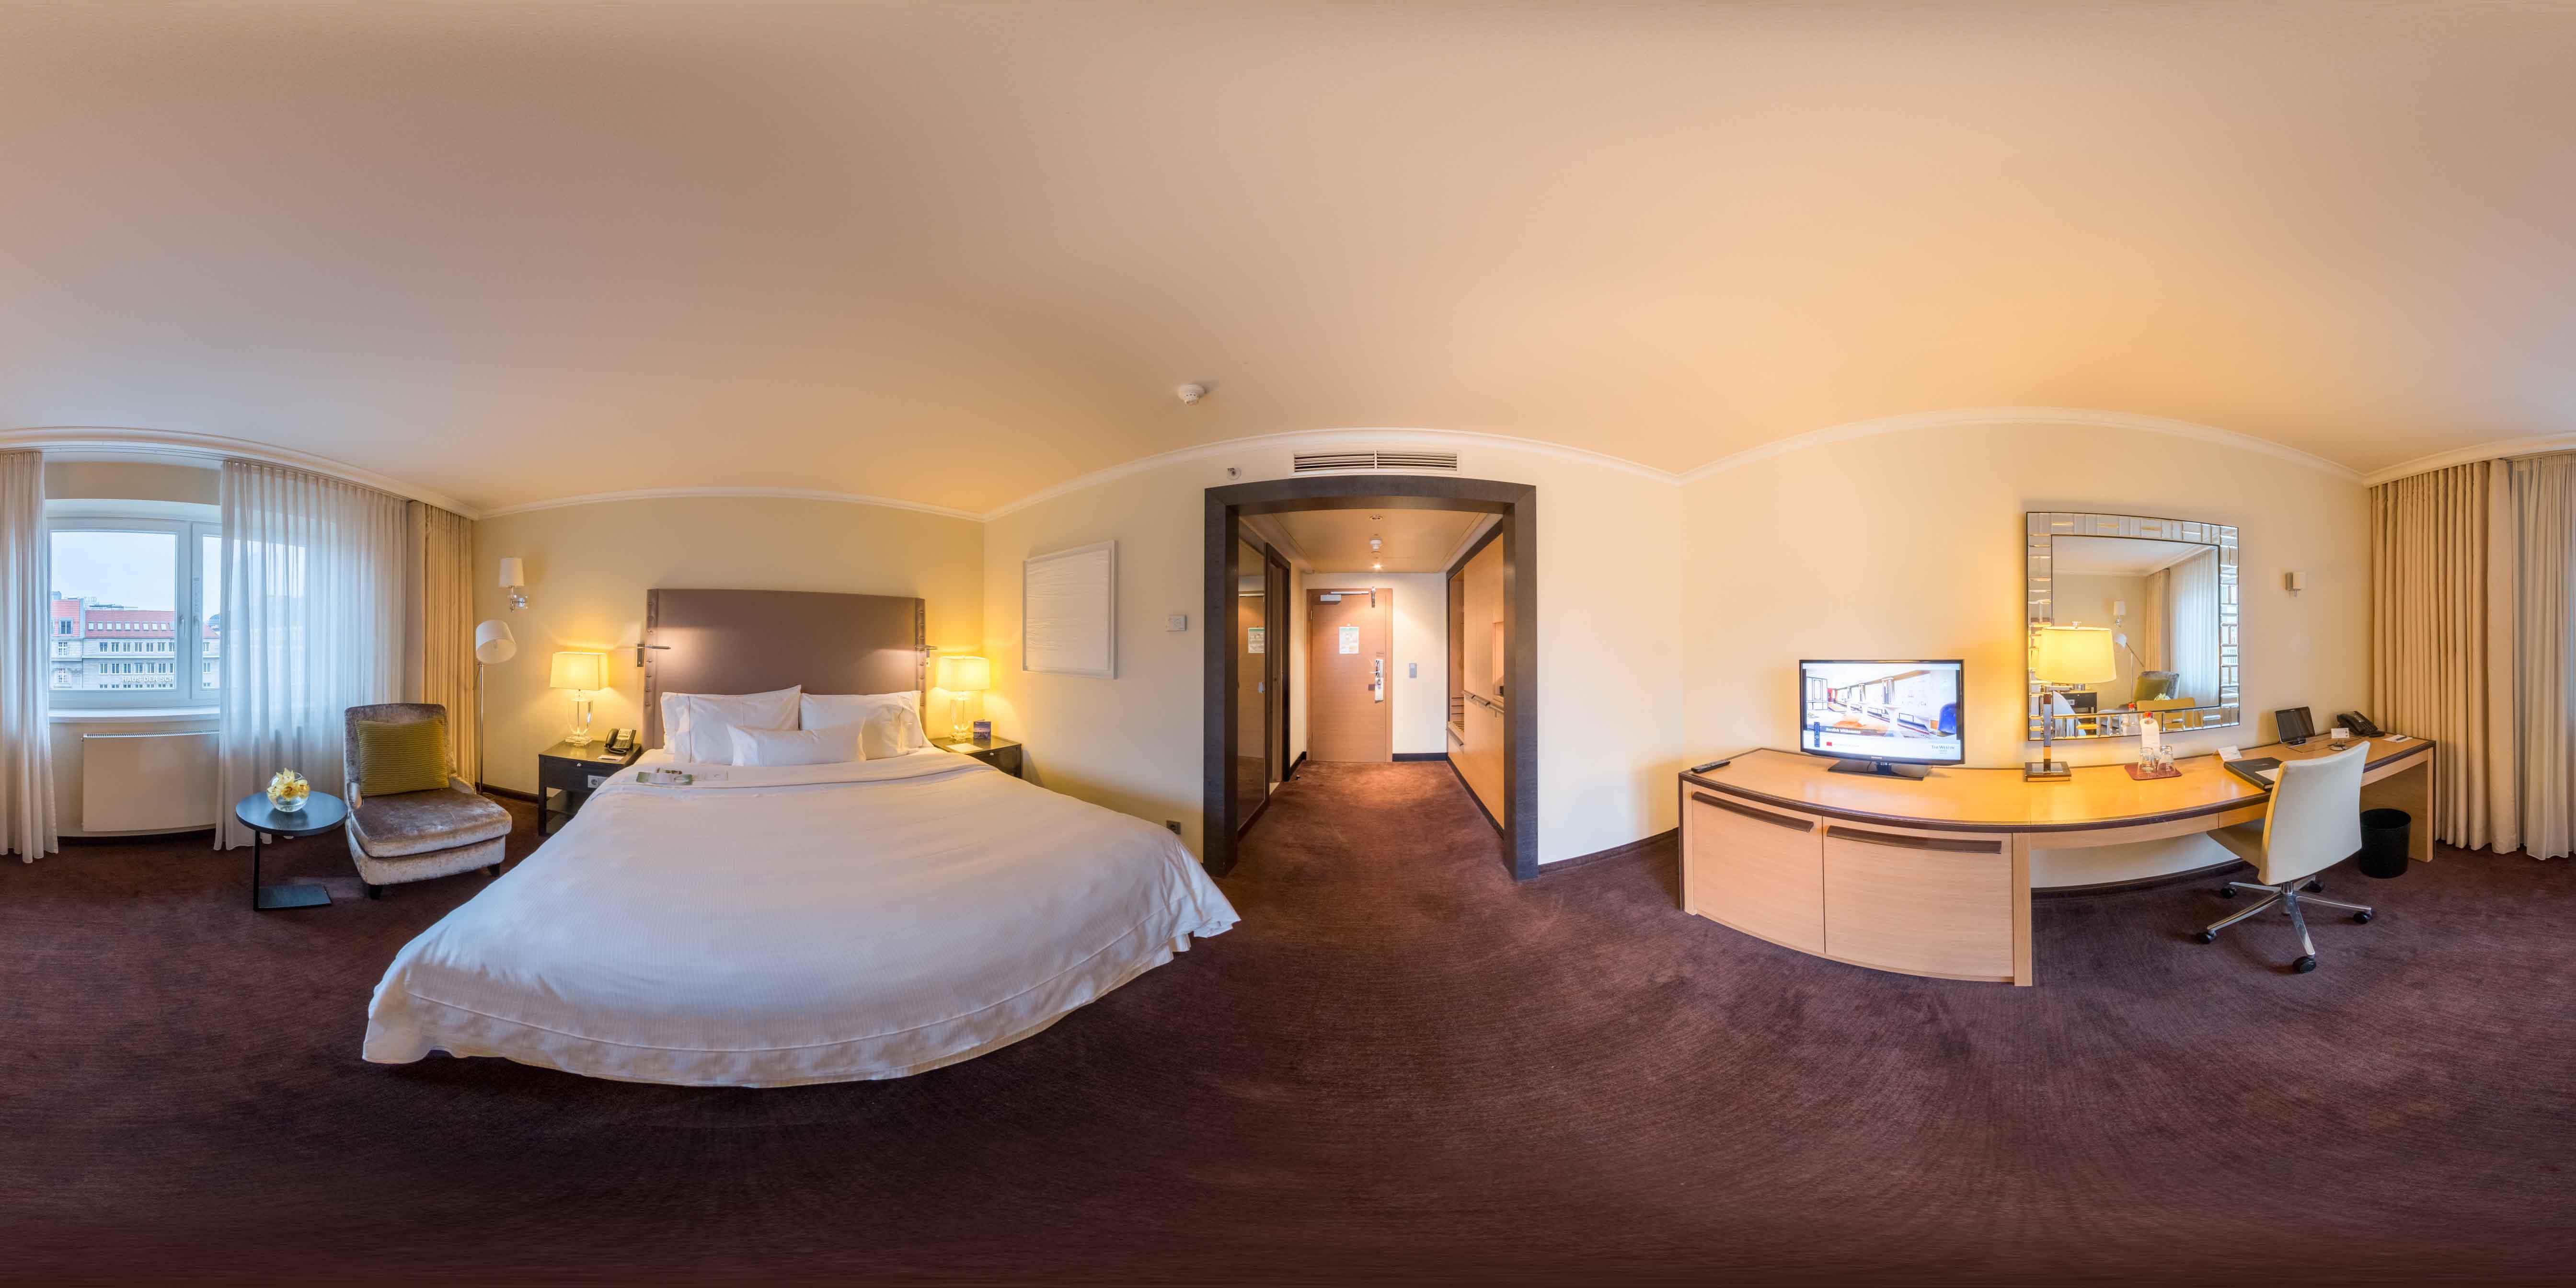 Отель в Берлине The Westin Grand 8